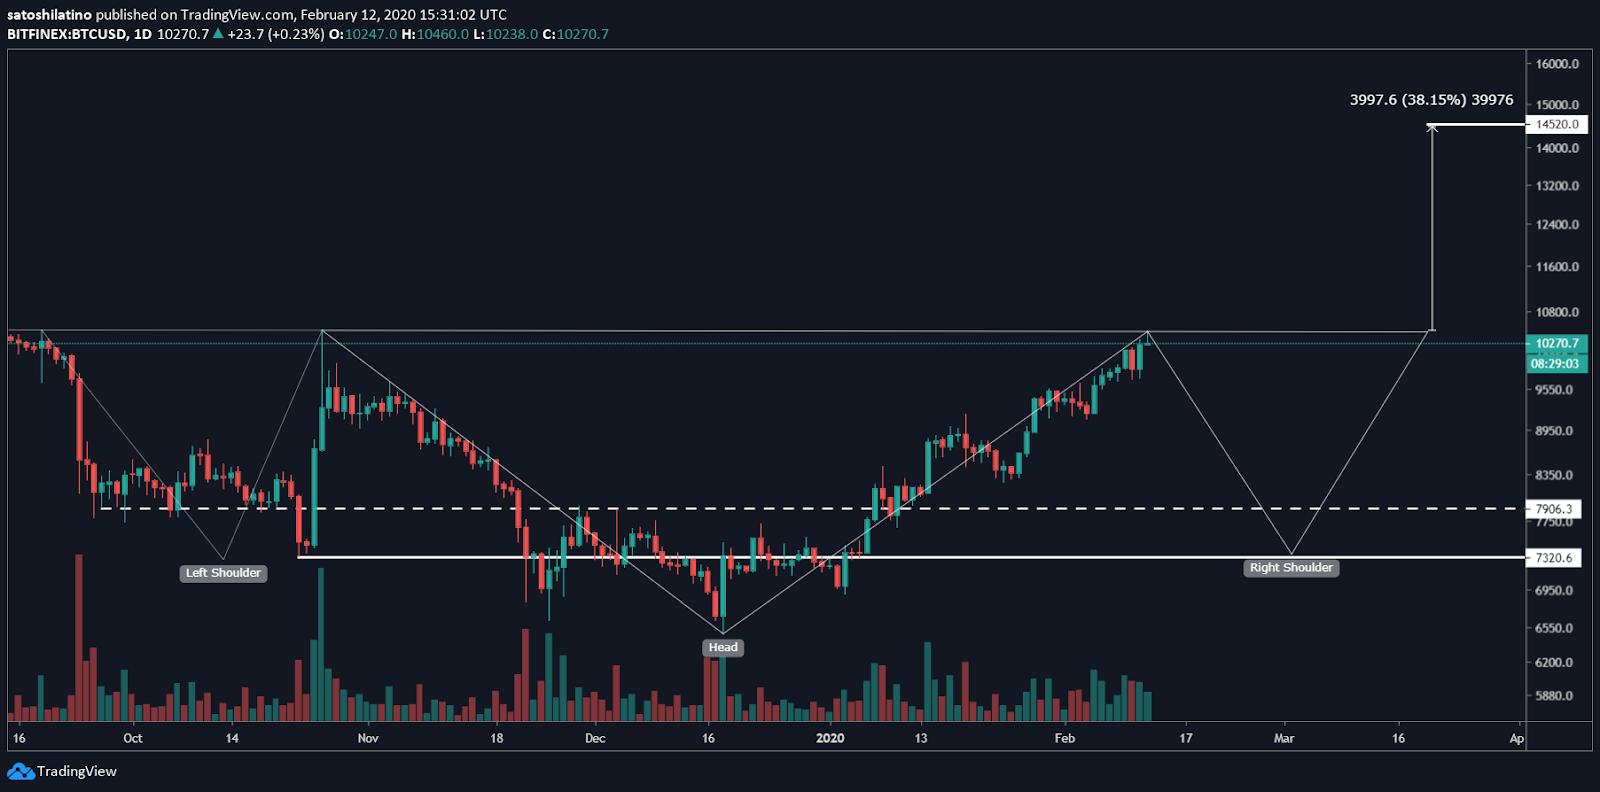 BTC/USD by TradingView